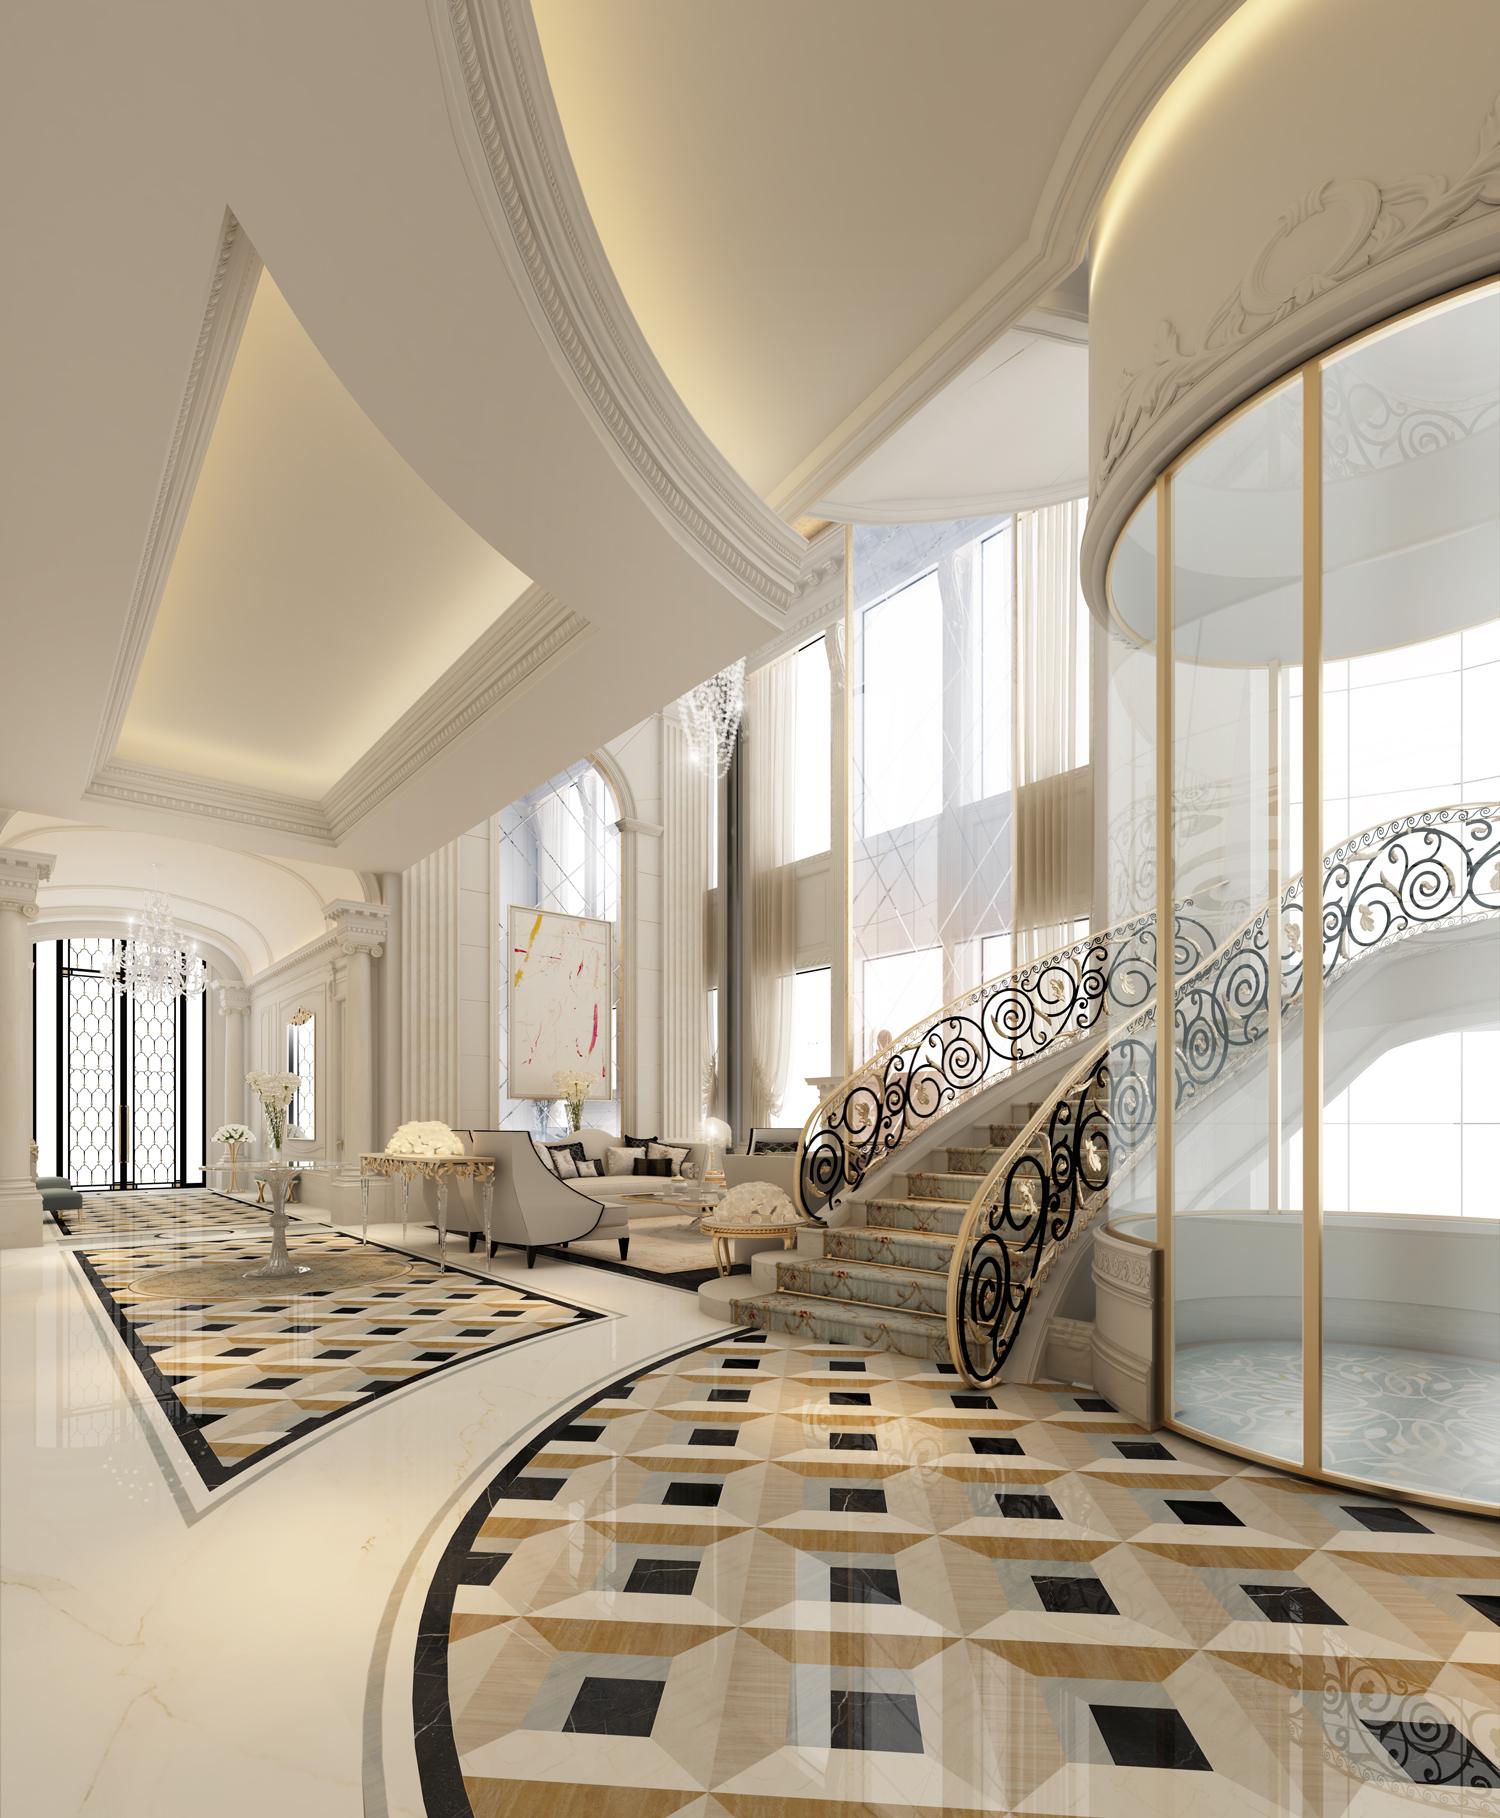 Stunning Villa Design Ideas